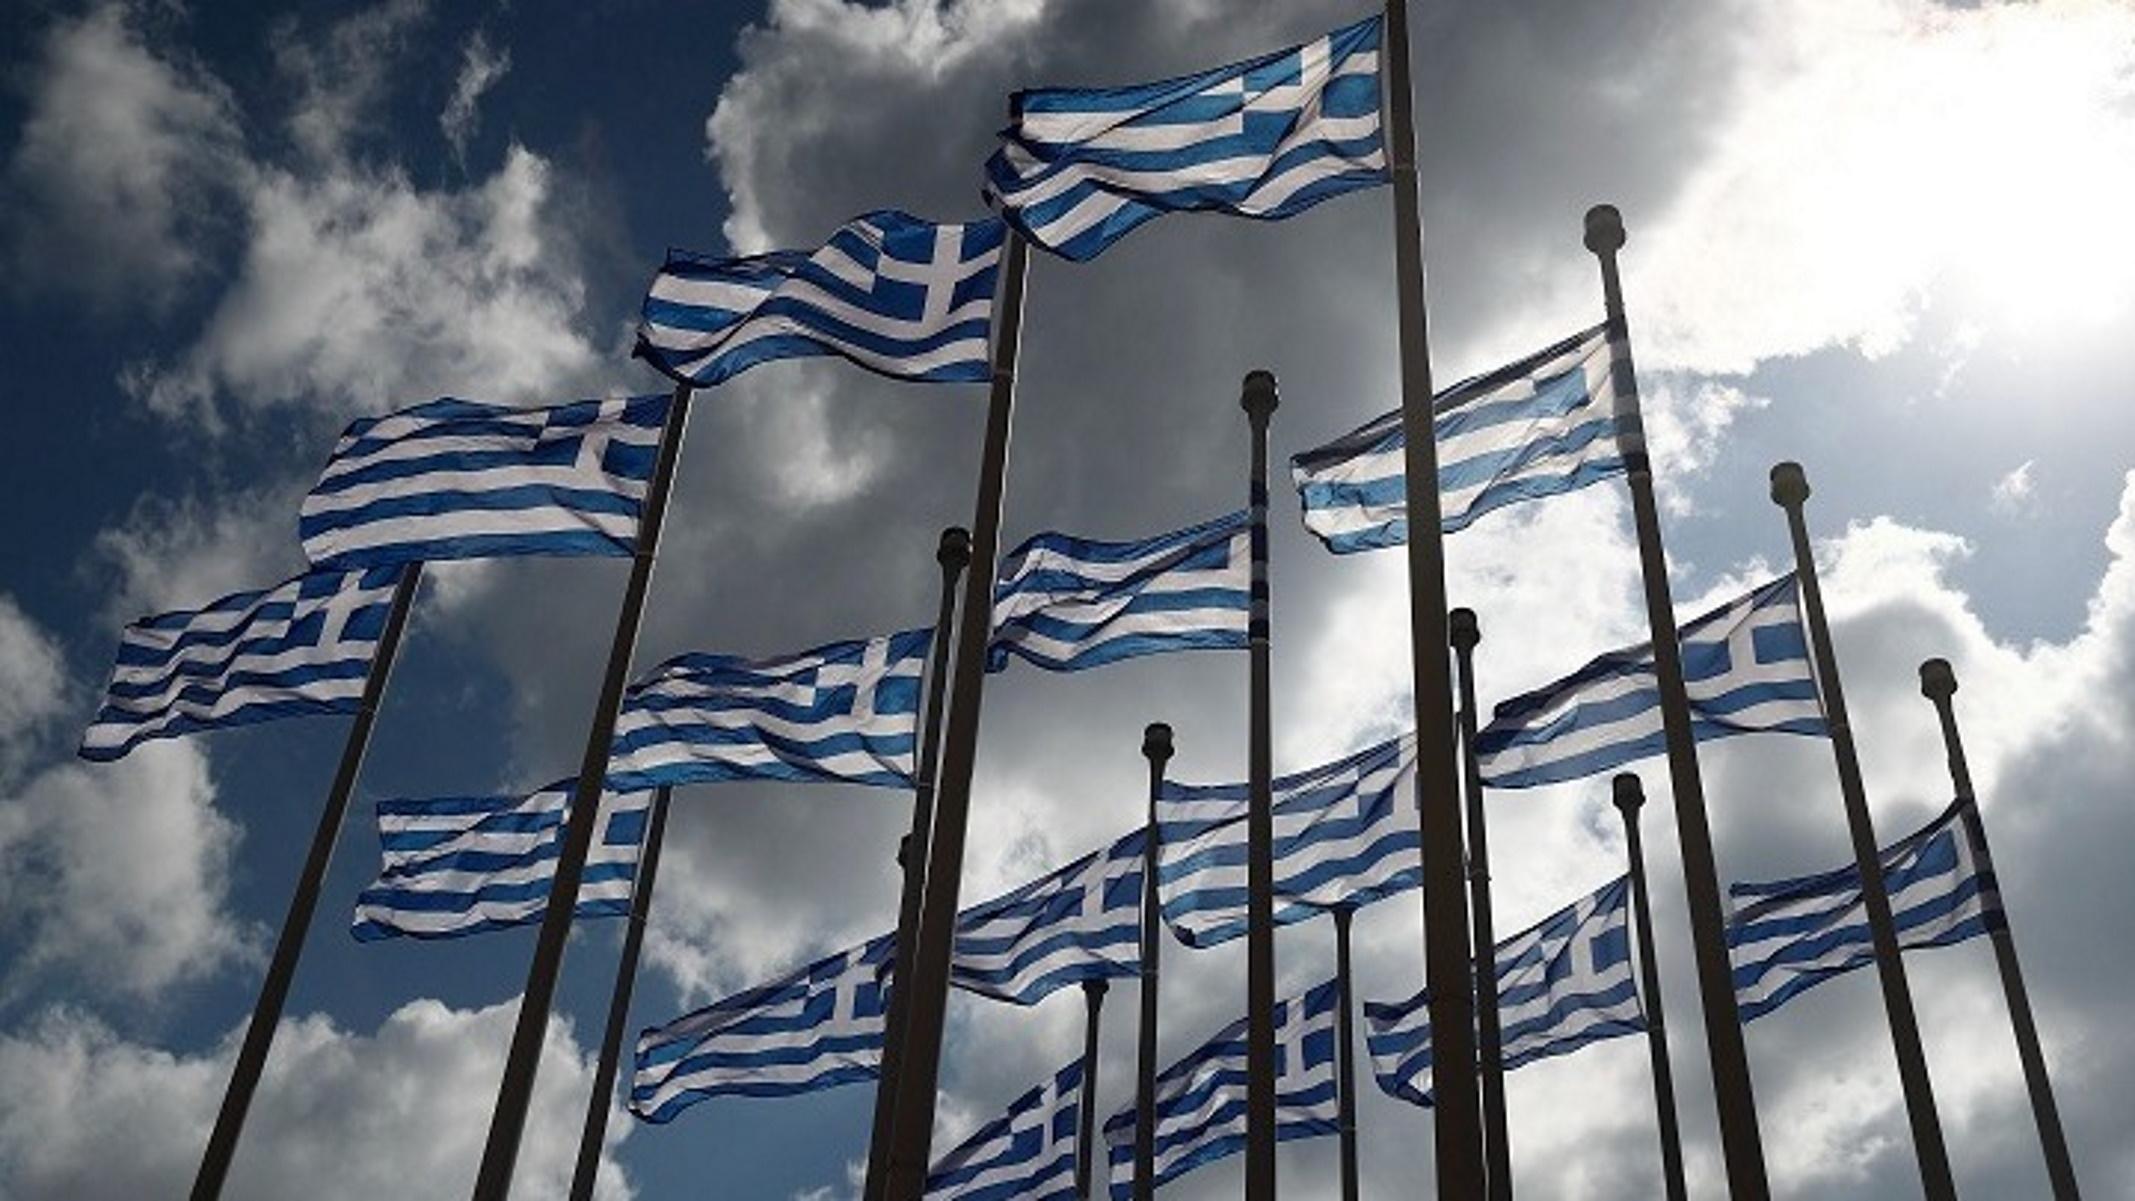 25η Μαρτίου: Μηνύματα του πολιτικού κόσμου – Αναμνηστική έκδοση της Επιτροπής «Ελλάδα 2021»